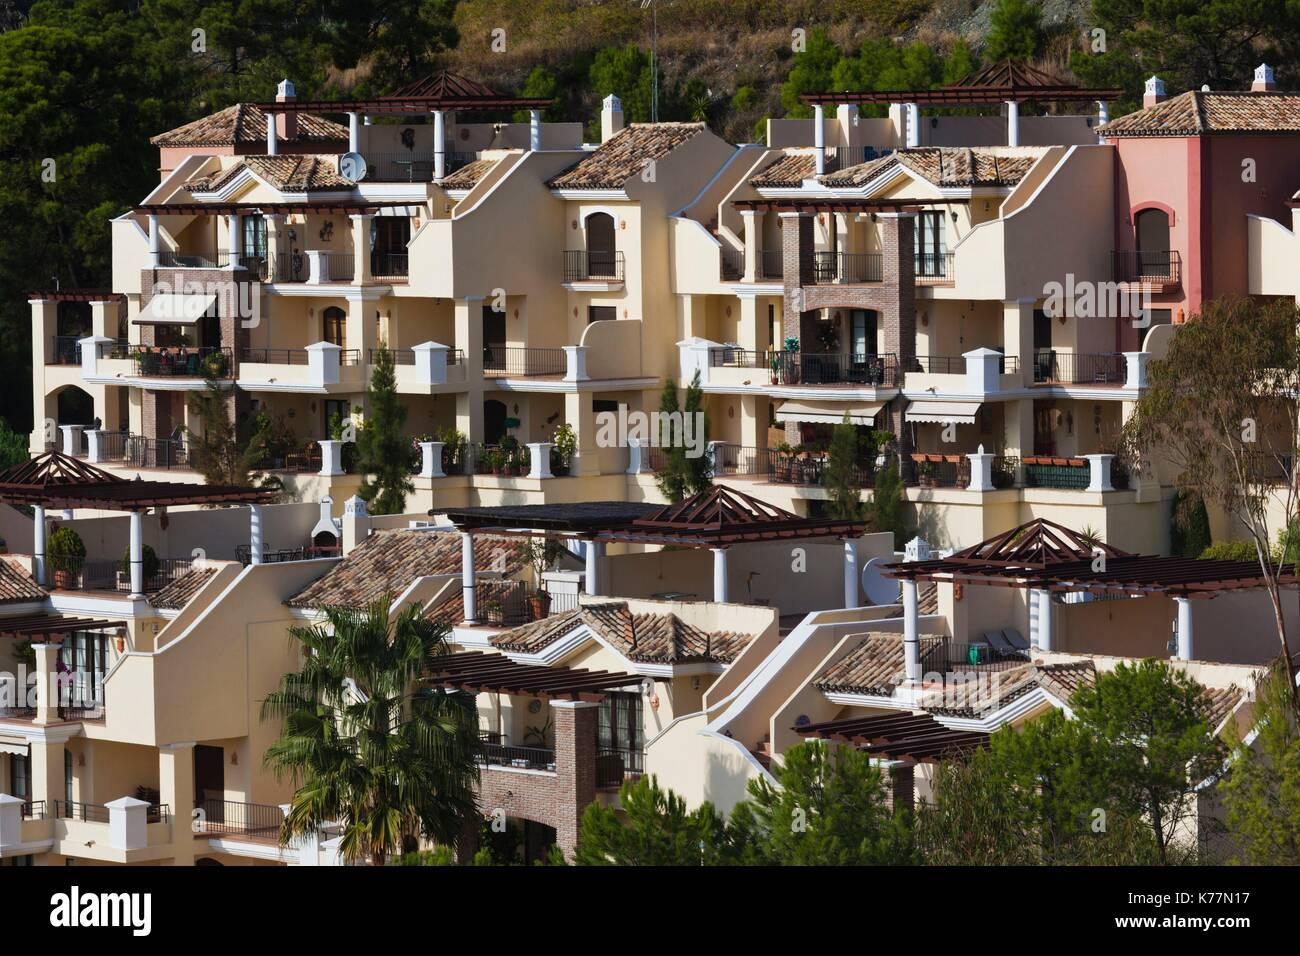 Spanien, Andalusien, Provinz Malaga, Marbella-Bereich, erhöhte Ansicht der Ferienwohnungen La Zagaleta Entwicklung Stockbild